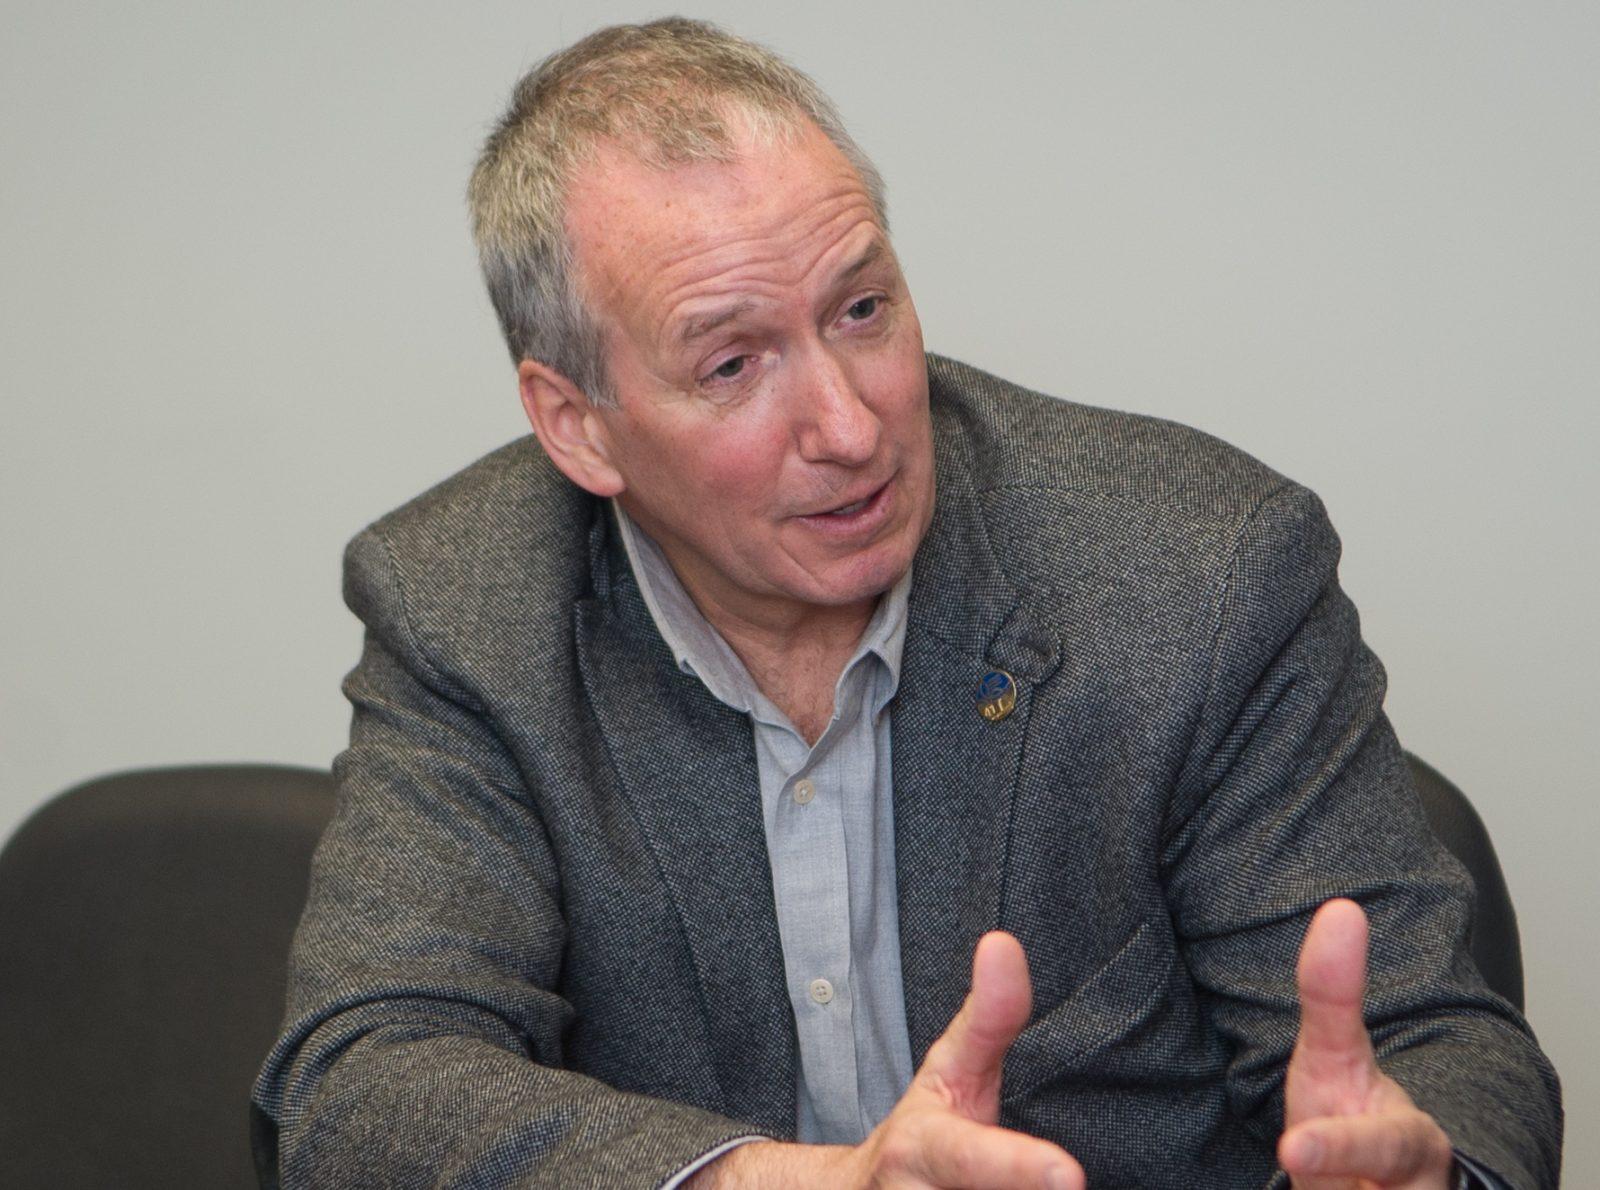 Le SPGQ lance une pétition et réclame la réintégration de Louis Robert